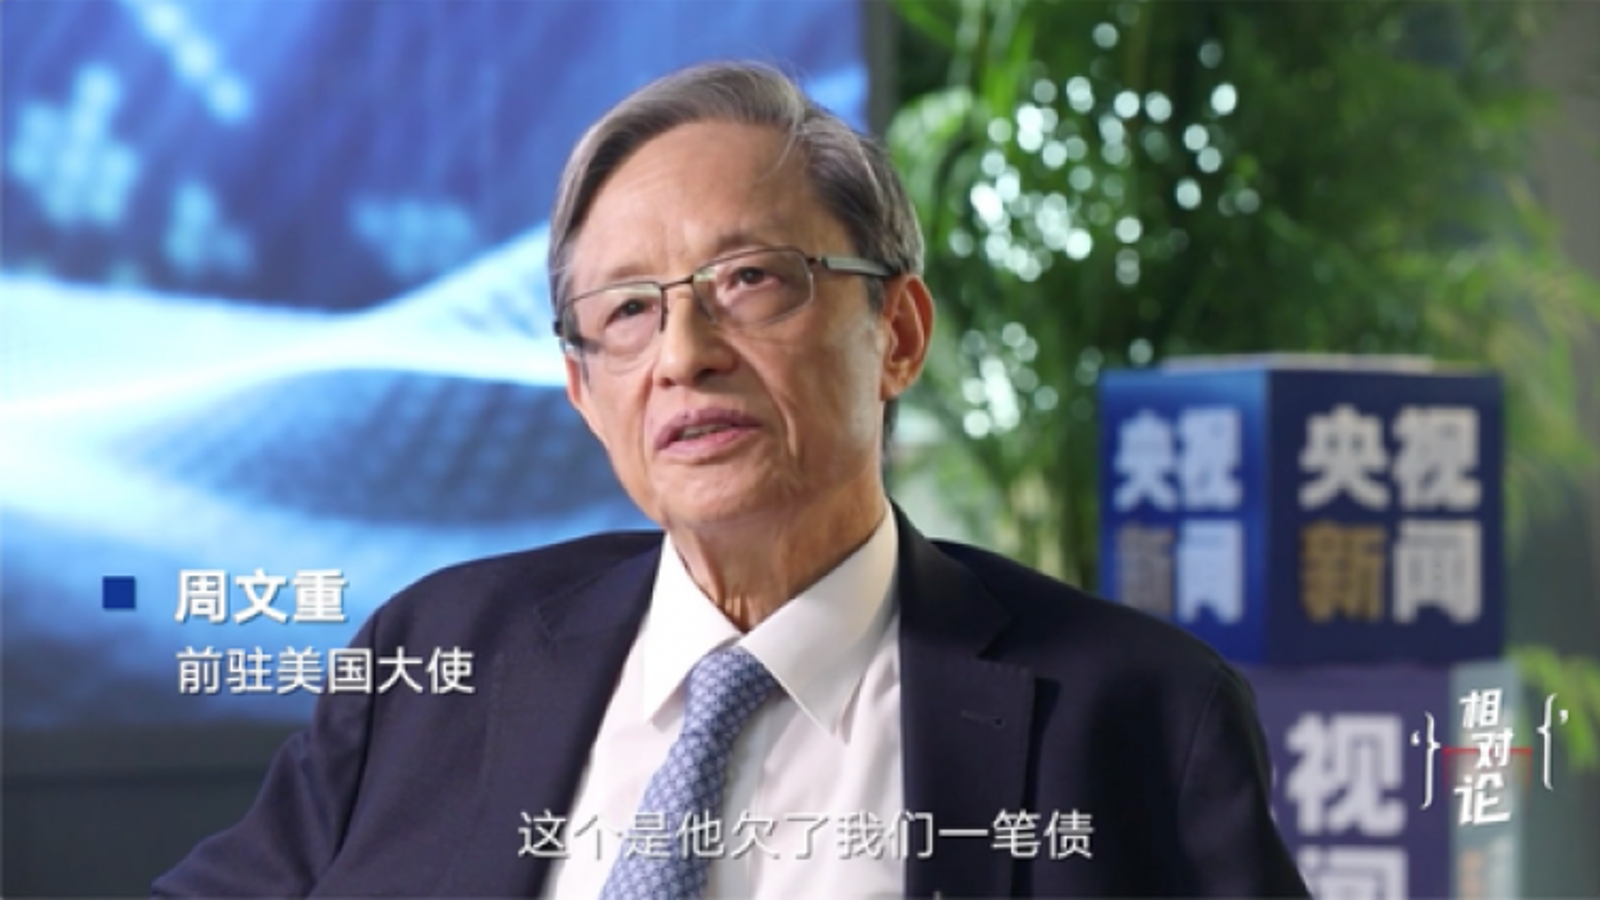 Cựu Đại sứ Trung Quốc tại Mỹ: Quan hệ Trung-Mỹ không thể quay về như trước